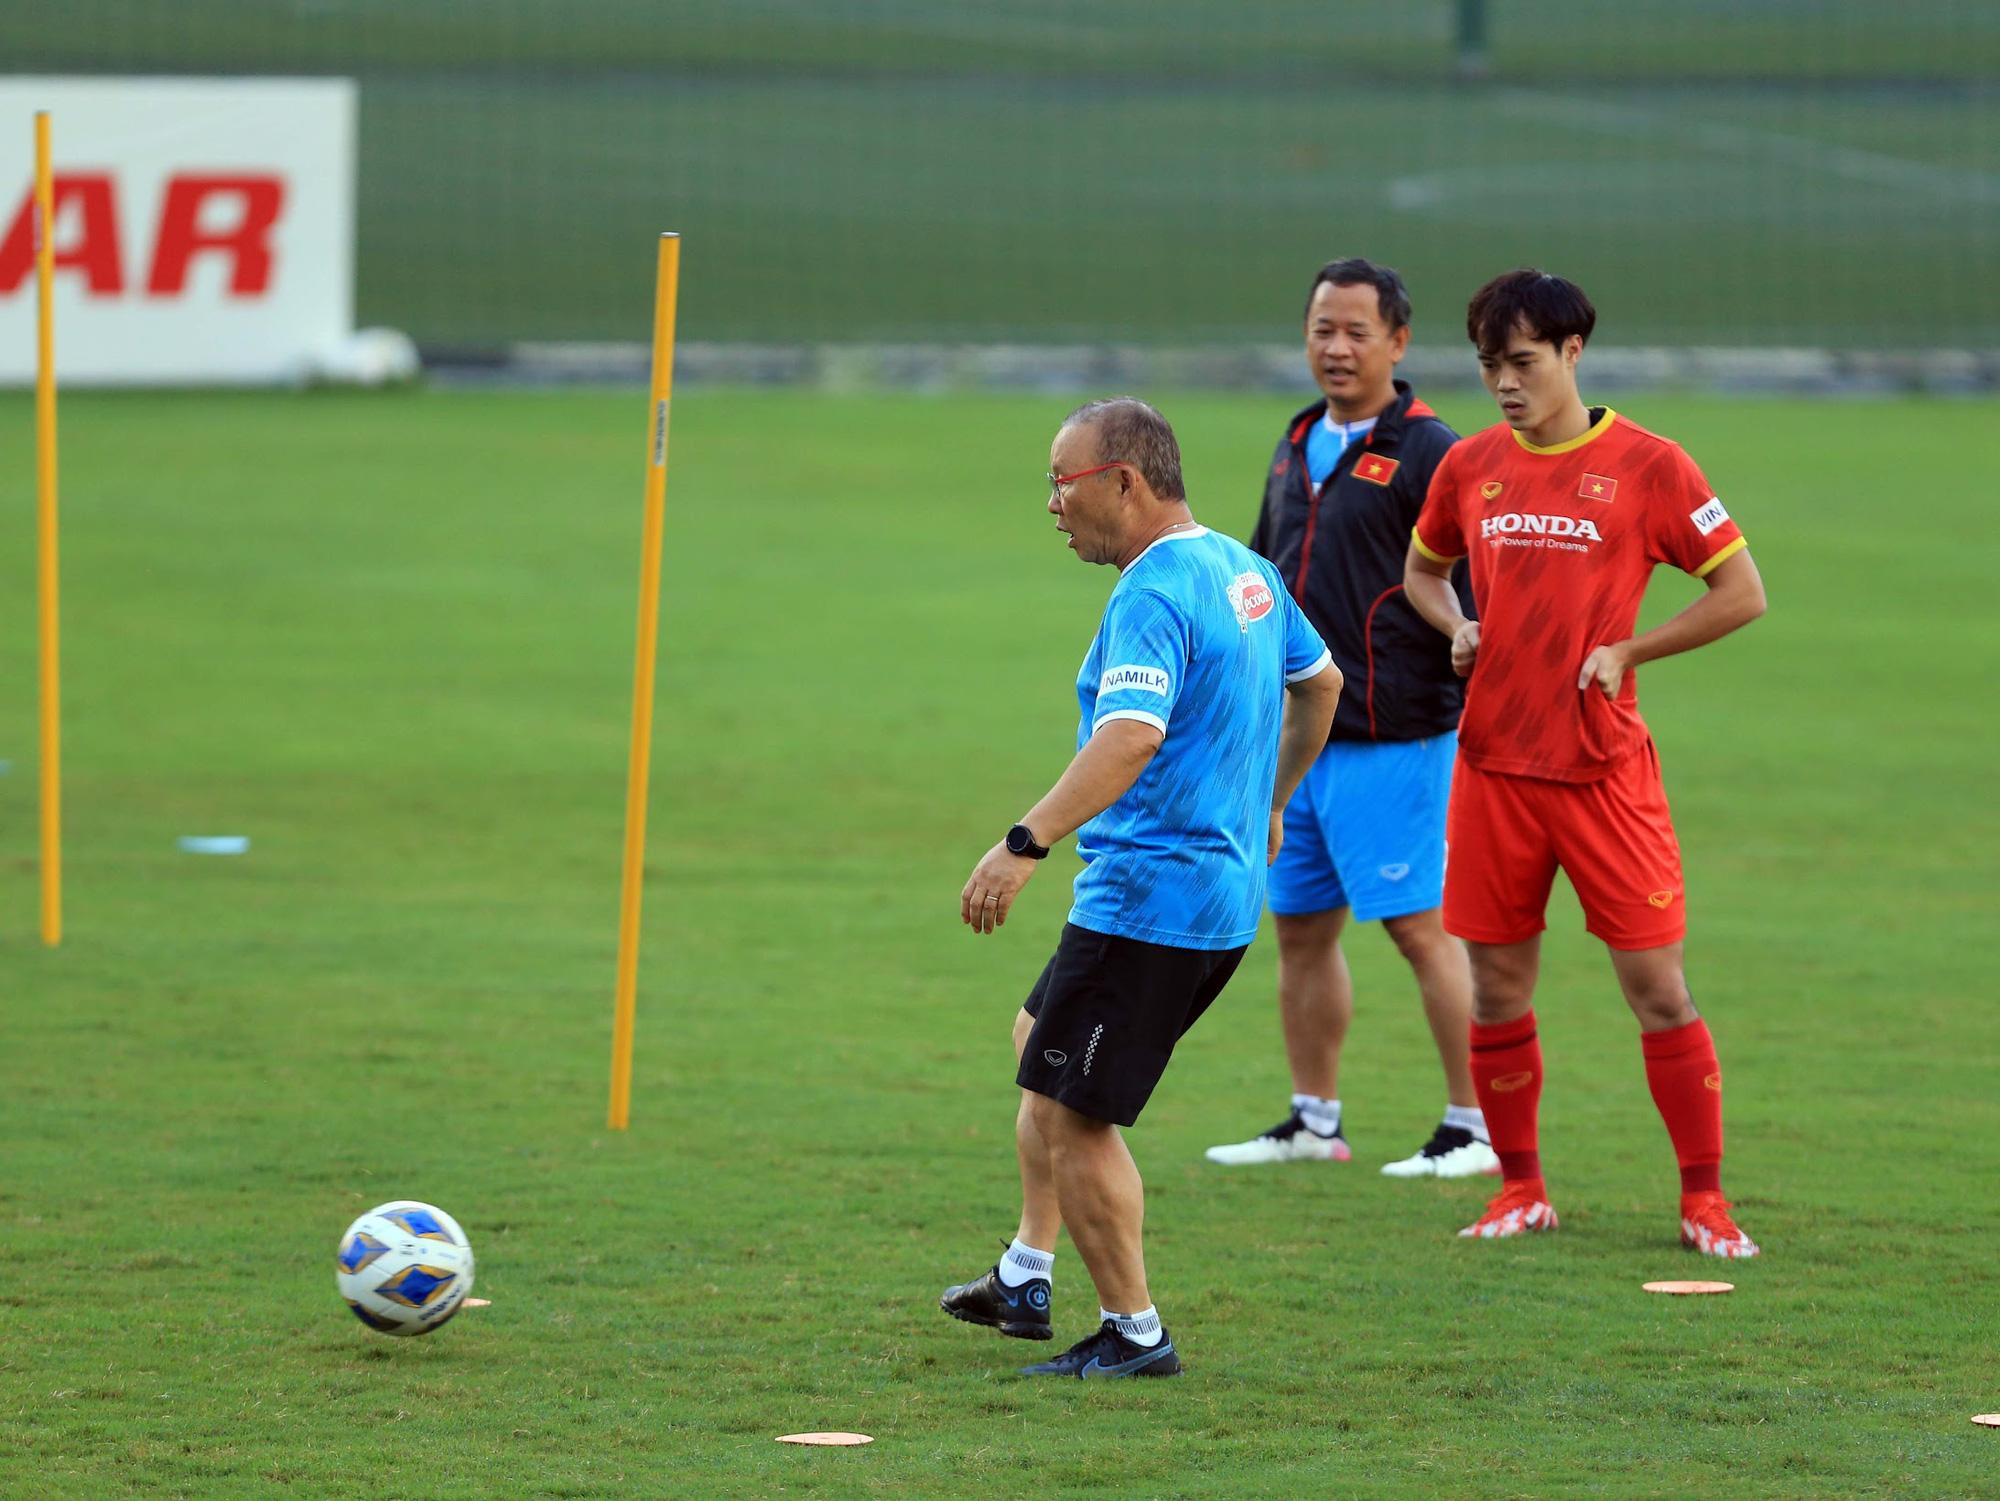 Tuấn Anh và đồng đội hào hứng khi trở thành thủ môn bất đắc dĩ cho tuyển Việt Nam - ảnh 23